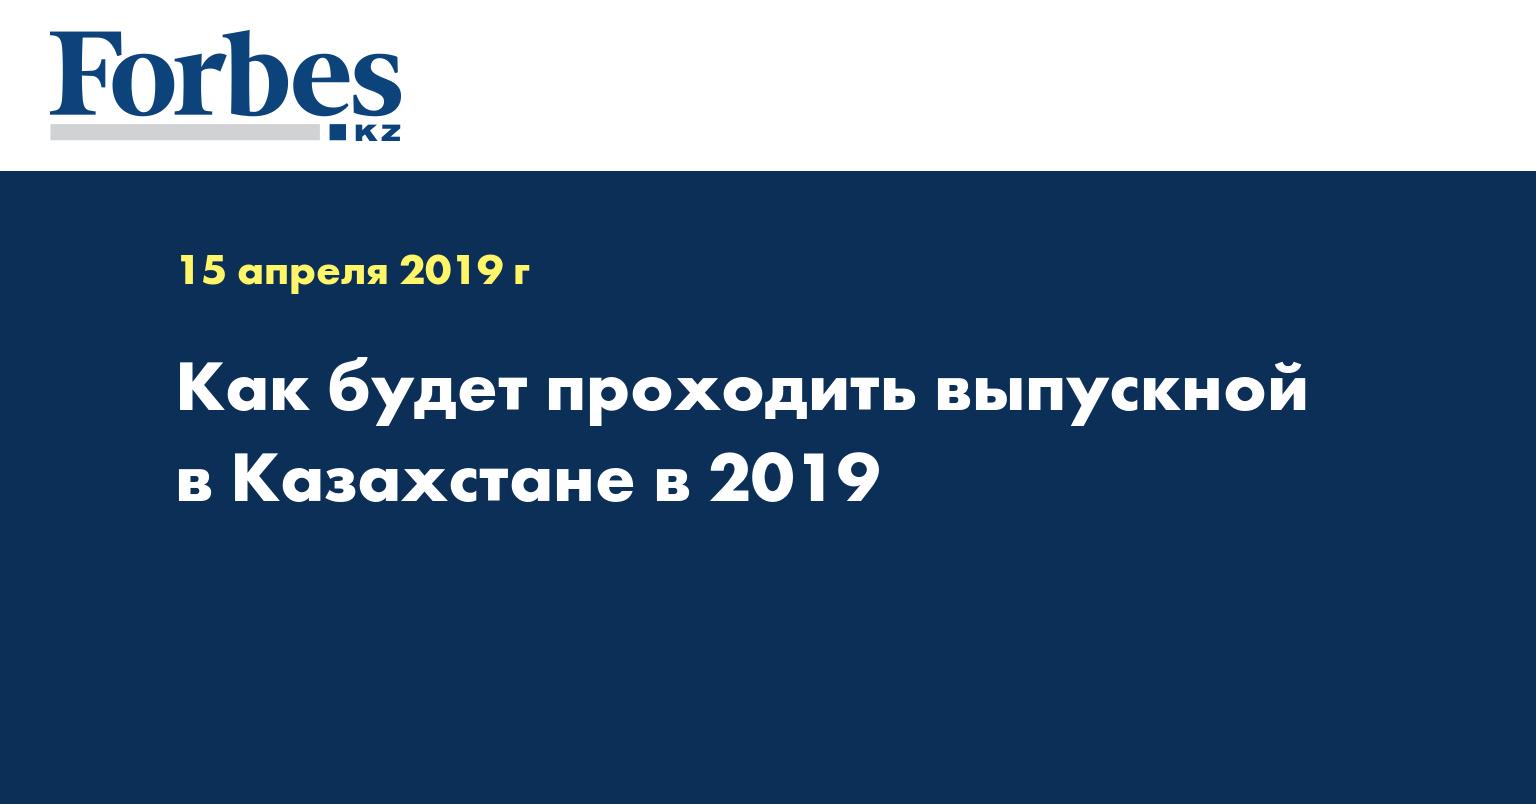 Как будет проходить выпускной в Казахстане в 2019